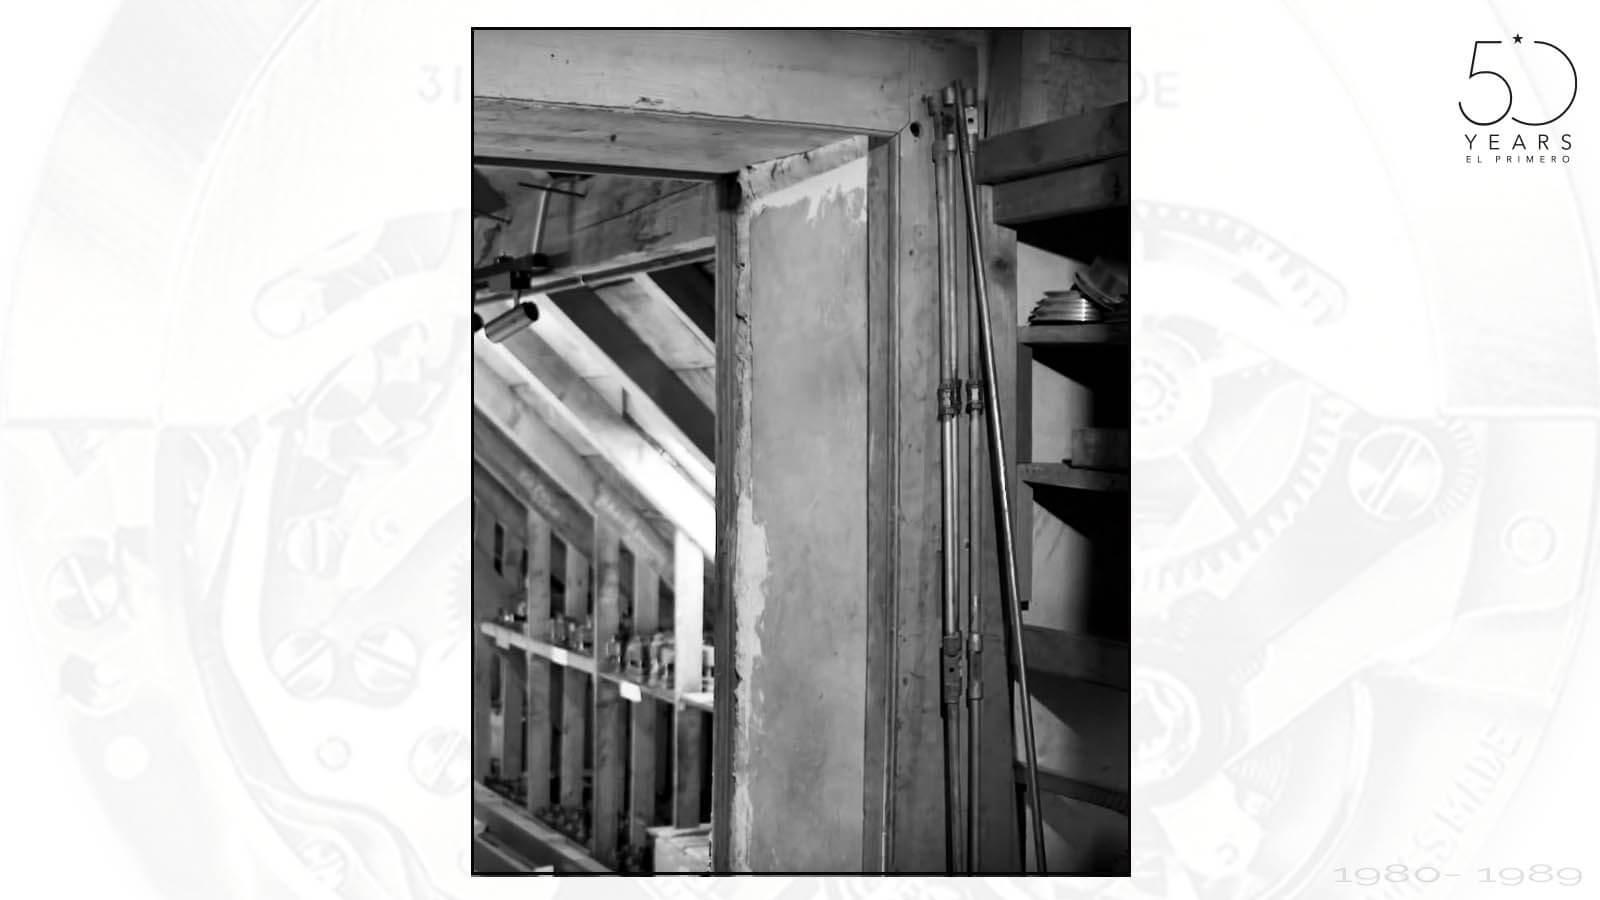 Die heilige Kammer in der die Teile und Werkzeuge für das El Primero von Charles Vermot versteckt wurden